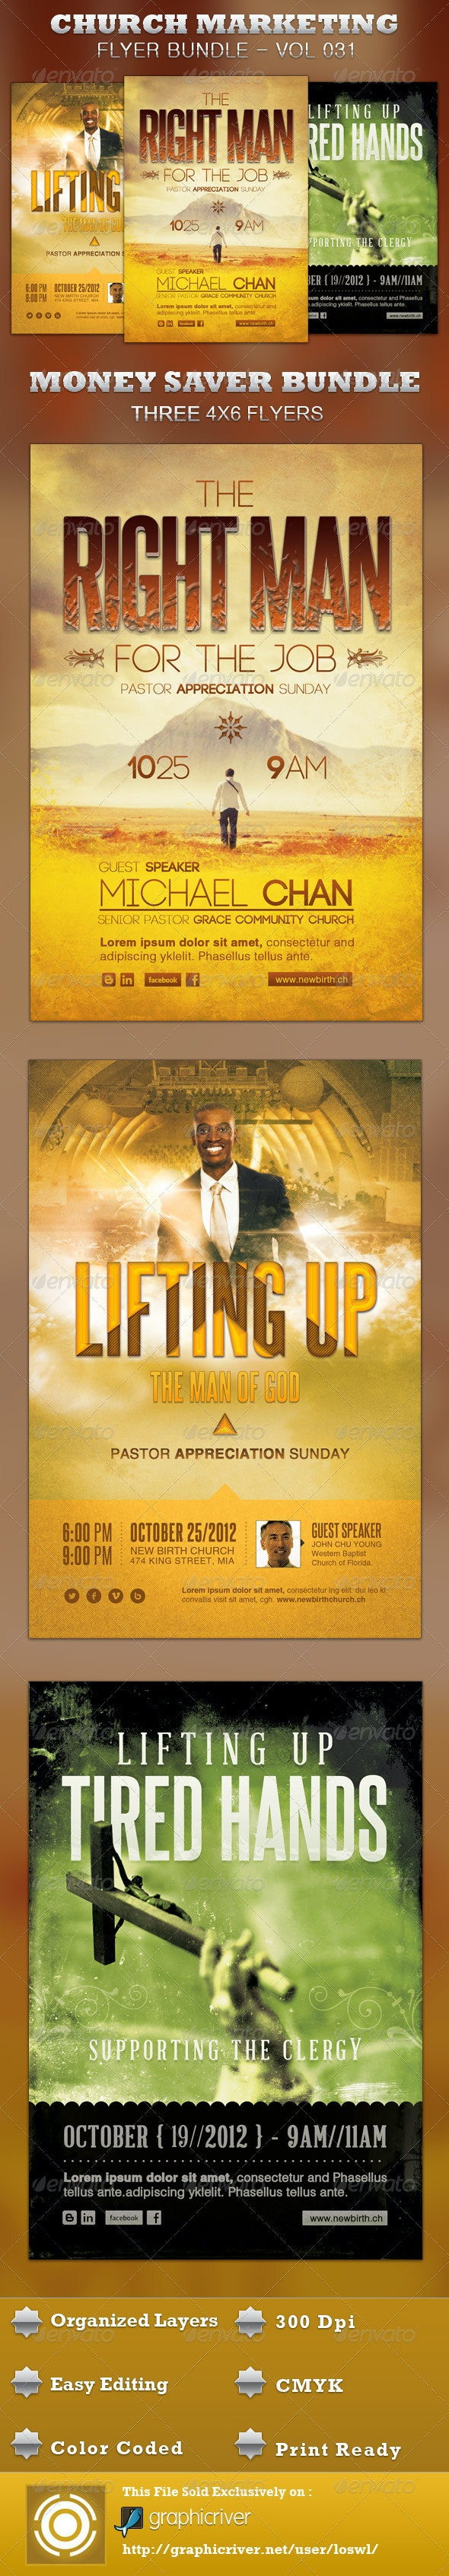 Church Marketing Bundle Vol 031 - Church Flyers